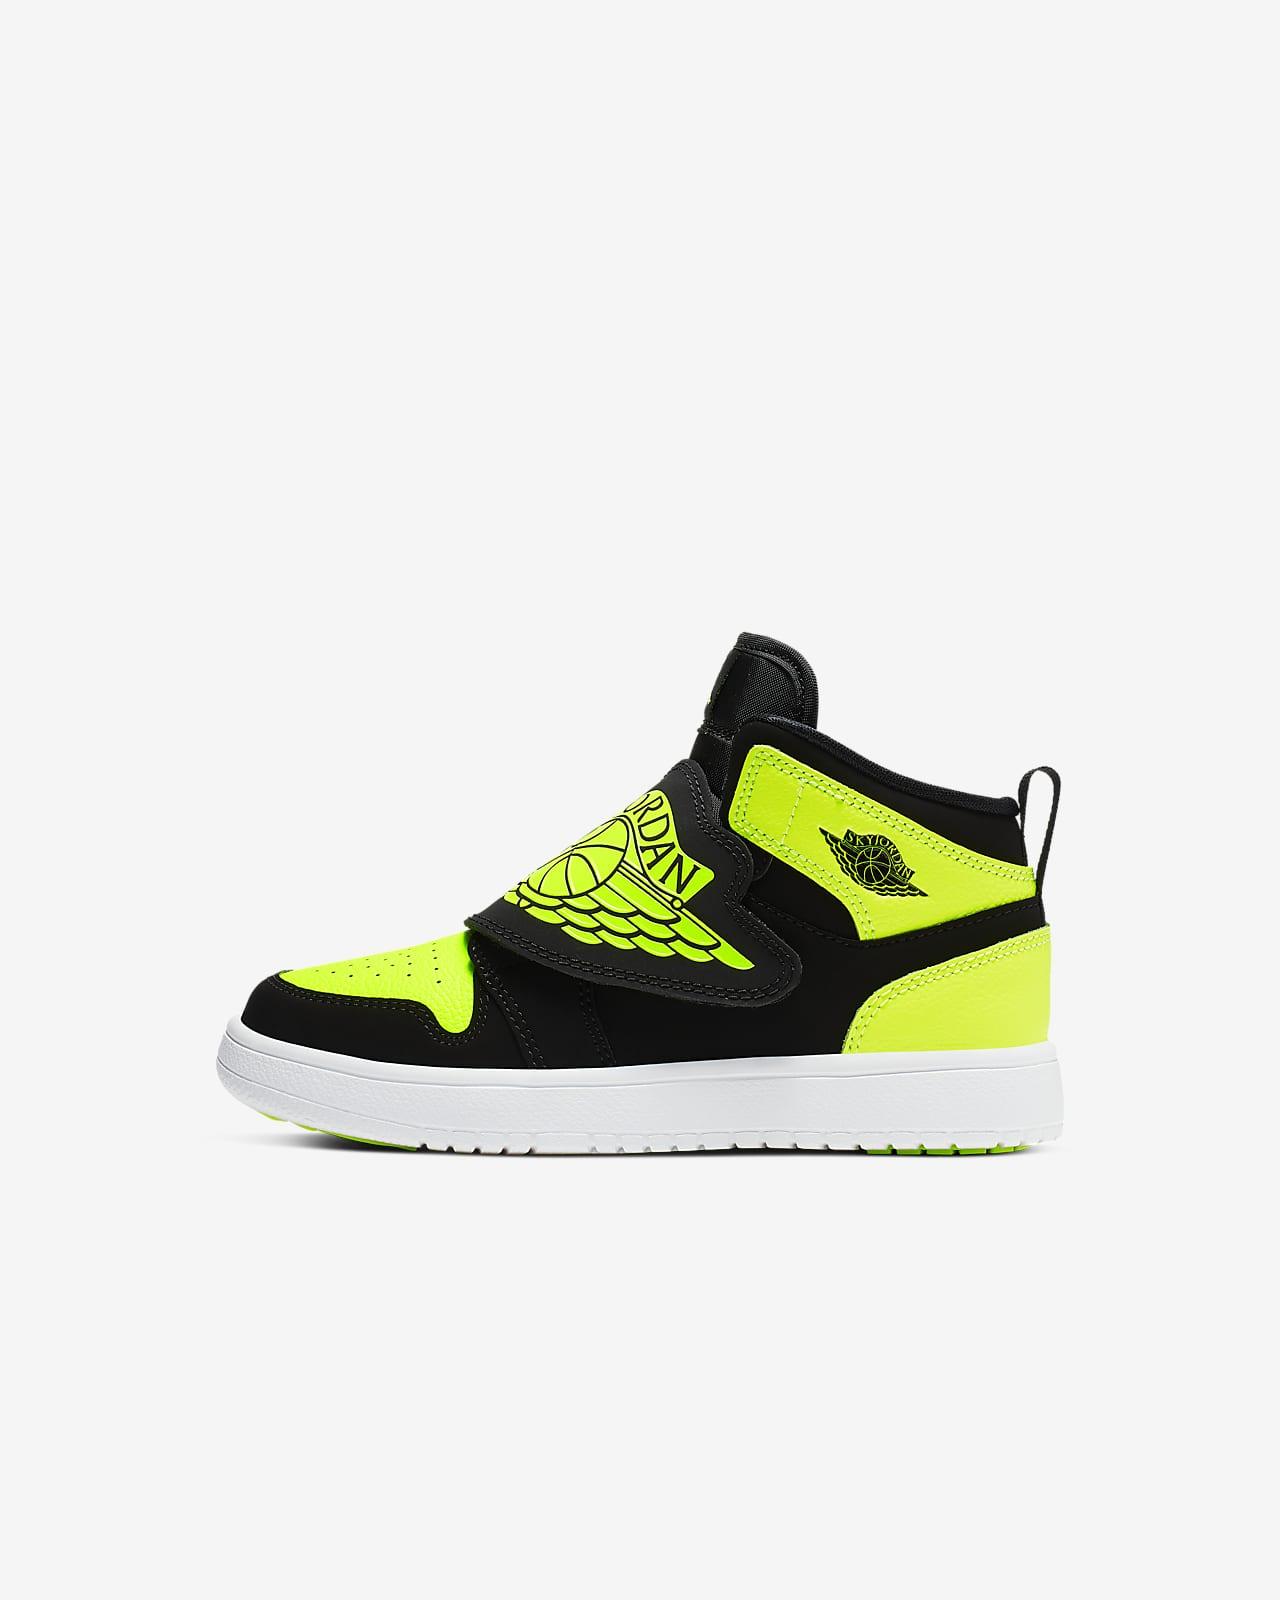 Sky Jordan 1 (PS) 幼童运动童鞋